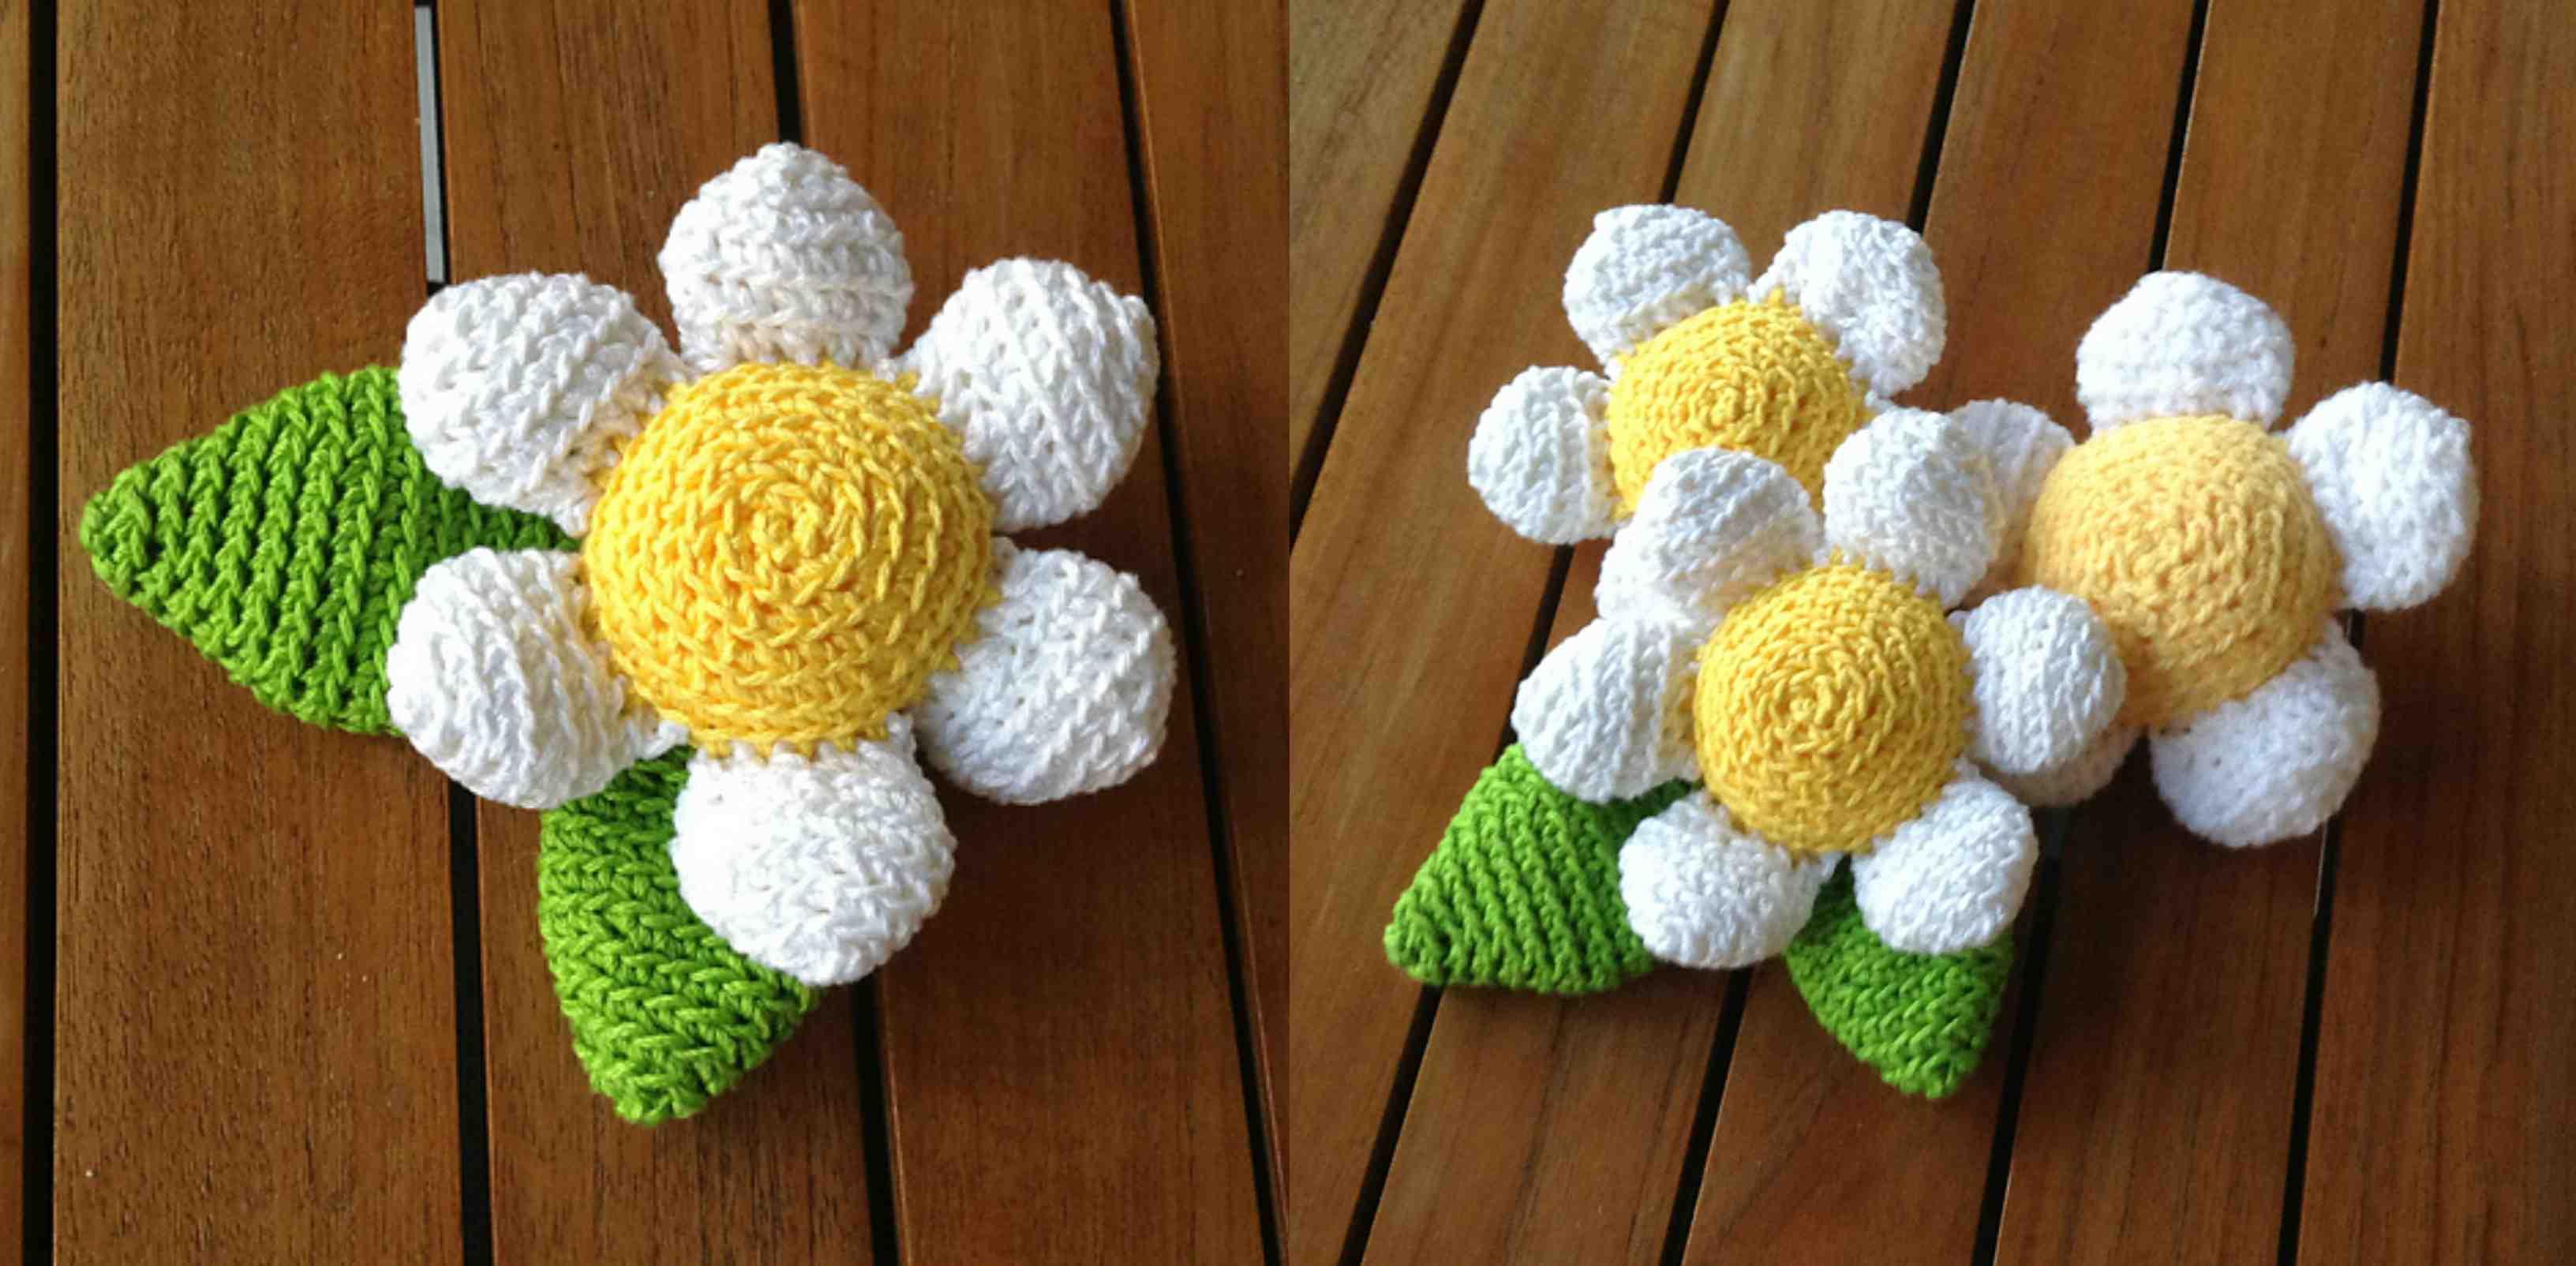 Crochet soft daisy izmirmasajfo